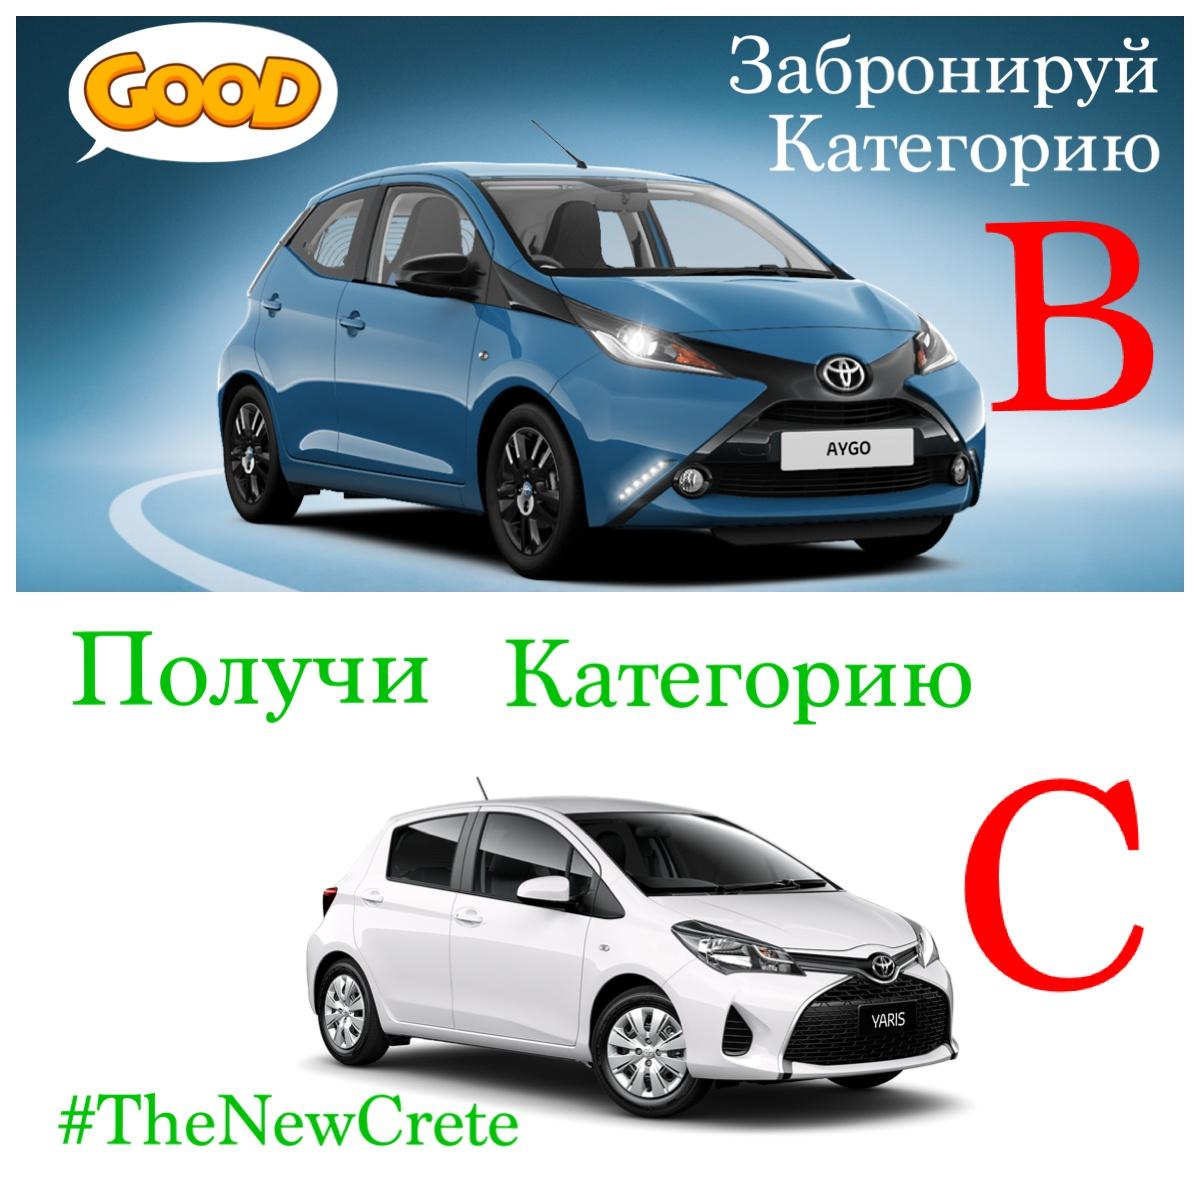 Внимание АКЦИЯ по прокату машин на Крите 2016 !!!! До 15/03/2016